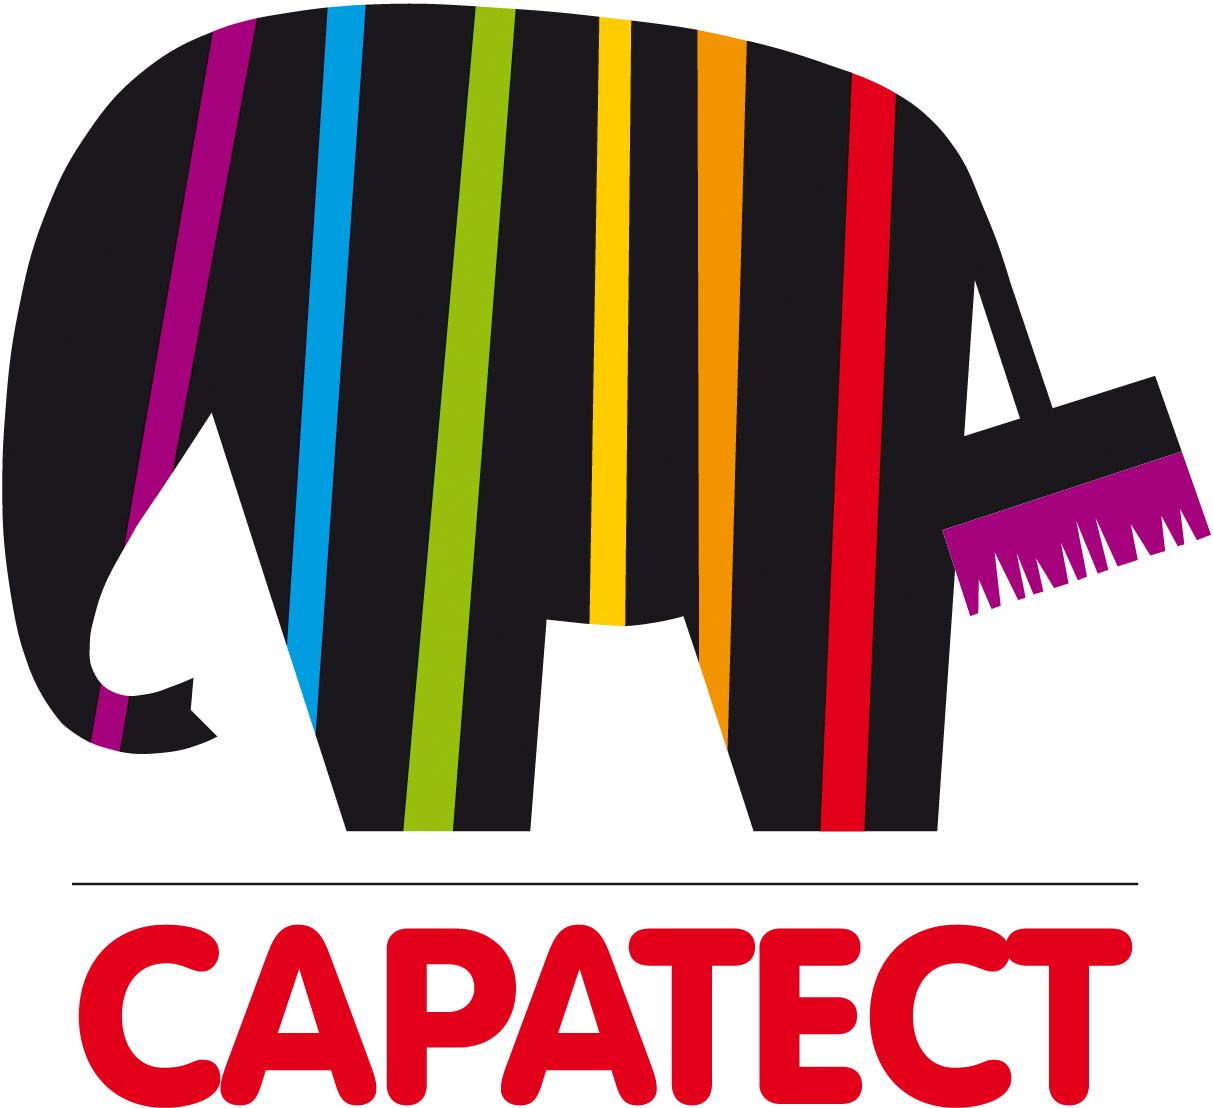 Bildergebnis für capatect logo